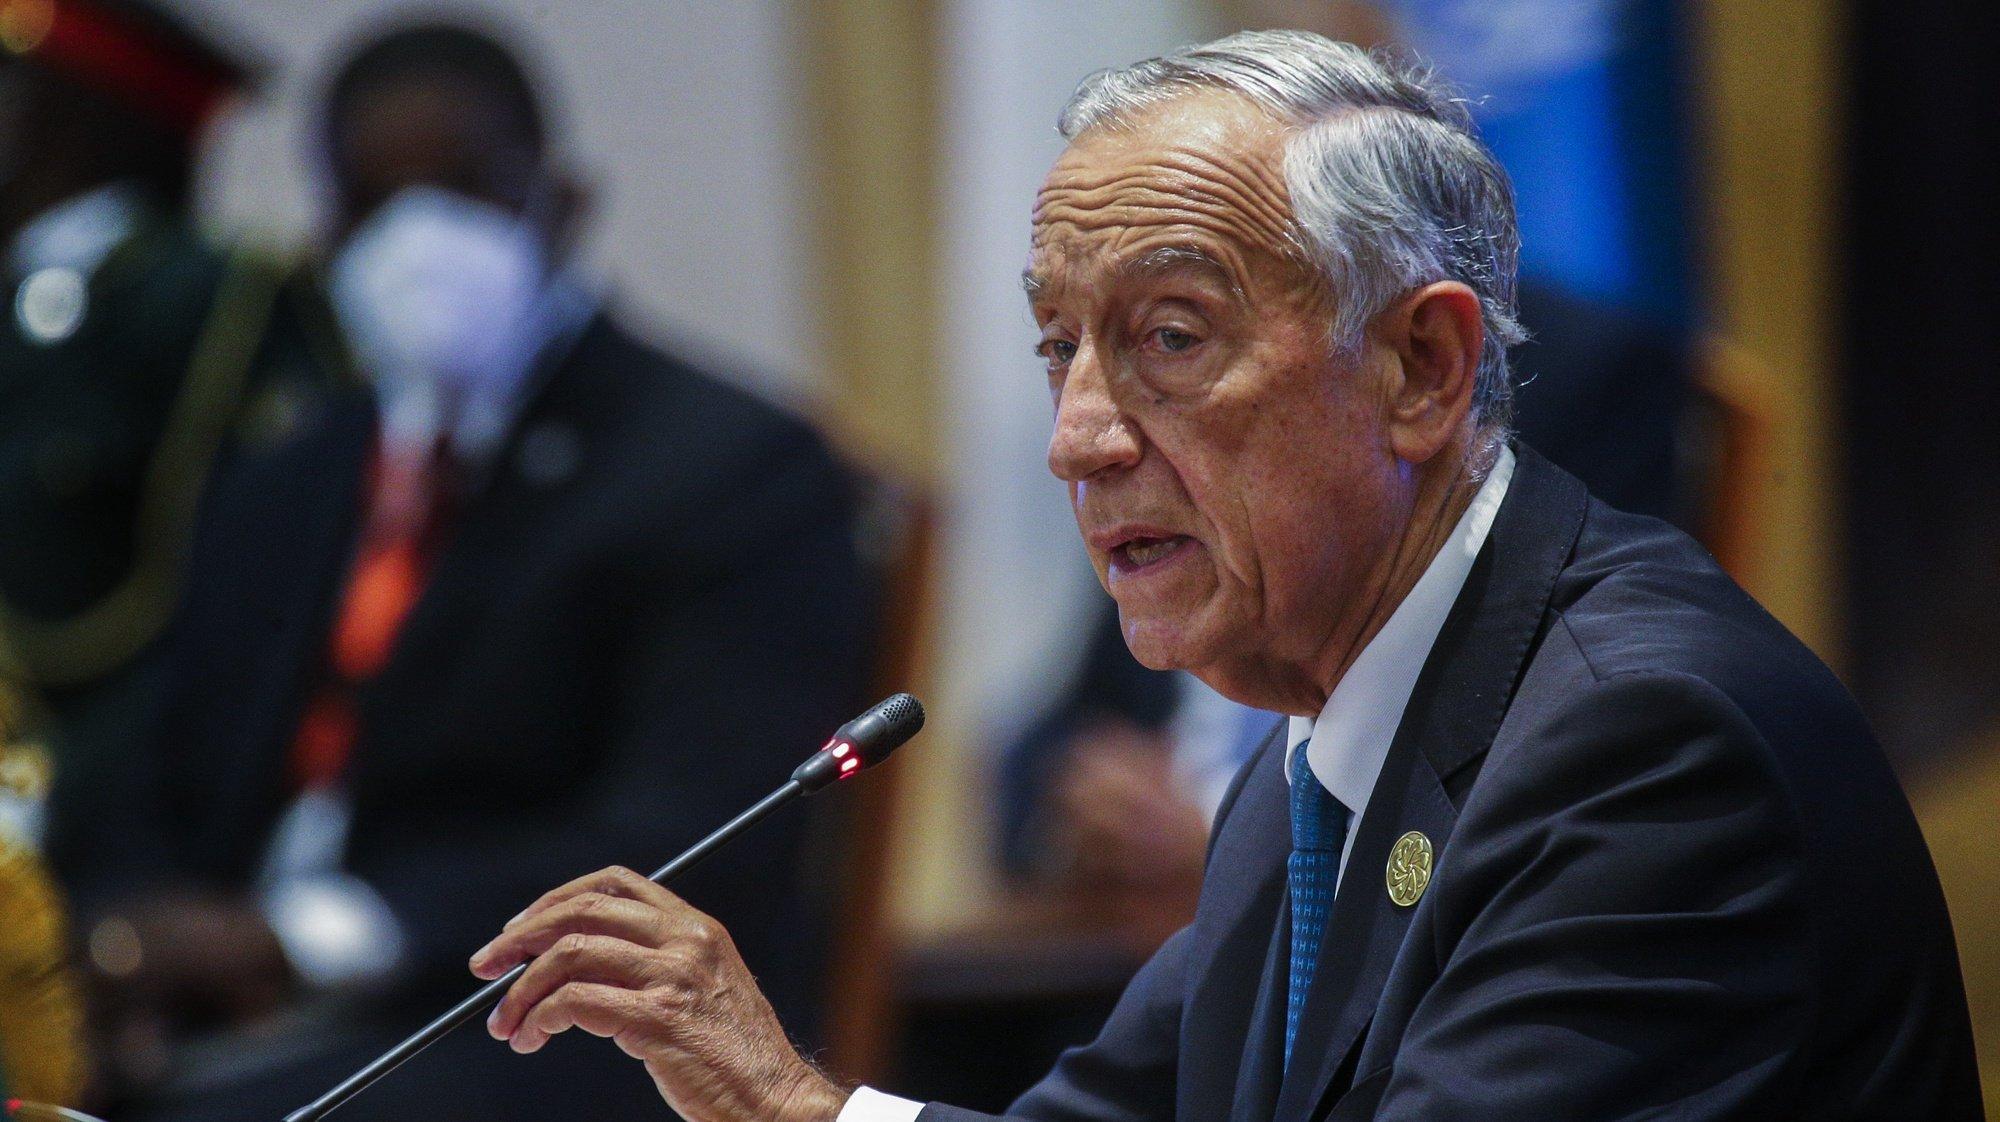 O Presidente da República de Portugal, Marcelo Rebelo de Sousa, intervém durante a XIII Conferência de Chefes de Estado e de Governo da Comunidade dos Países de Língua Portuguesa (CPLP), em Luanda, Angola, 17 de julho de 2021. AMPE ROGÉRIO/LUSA